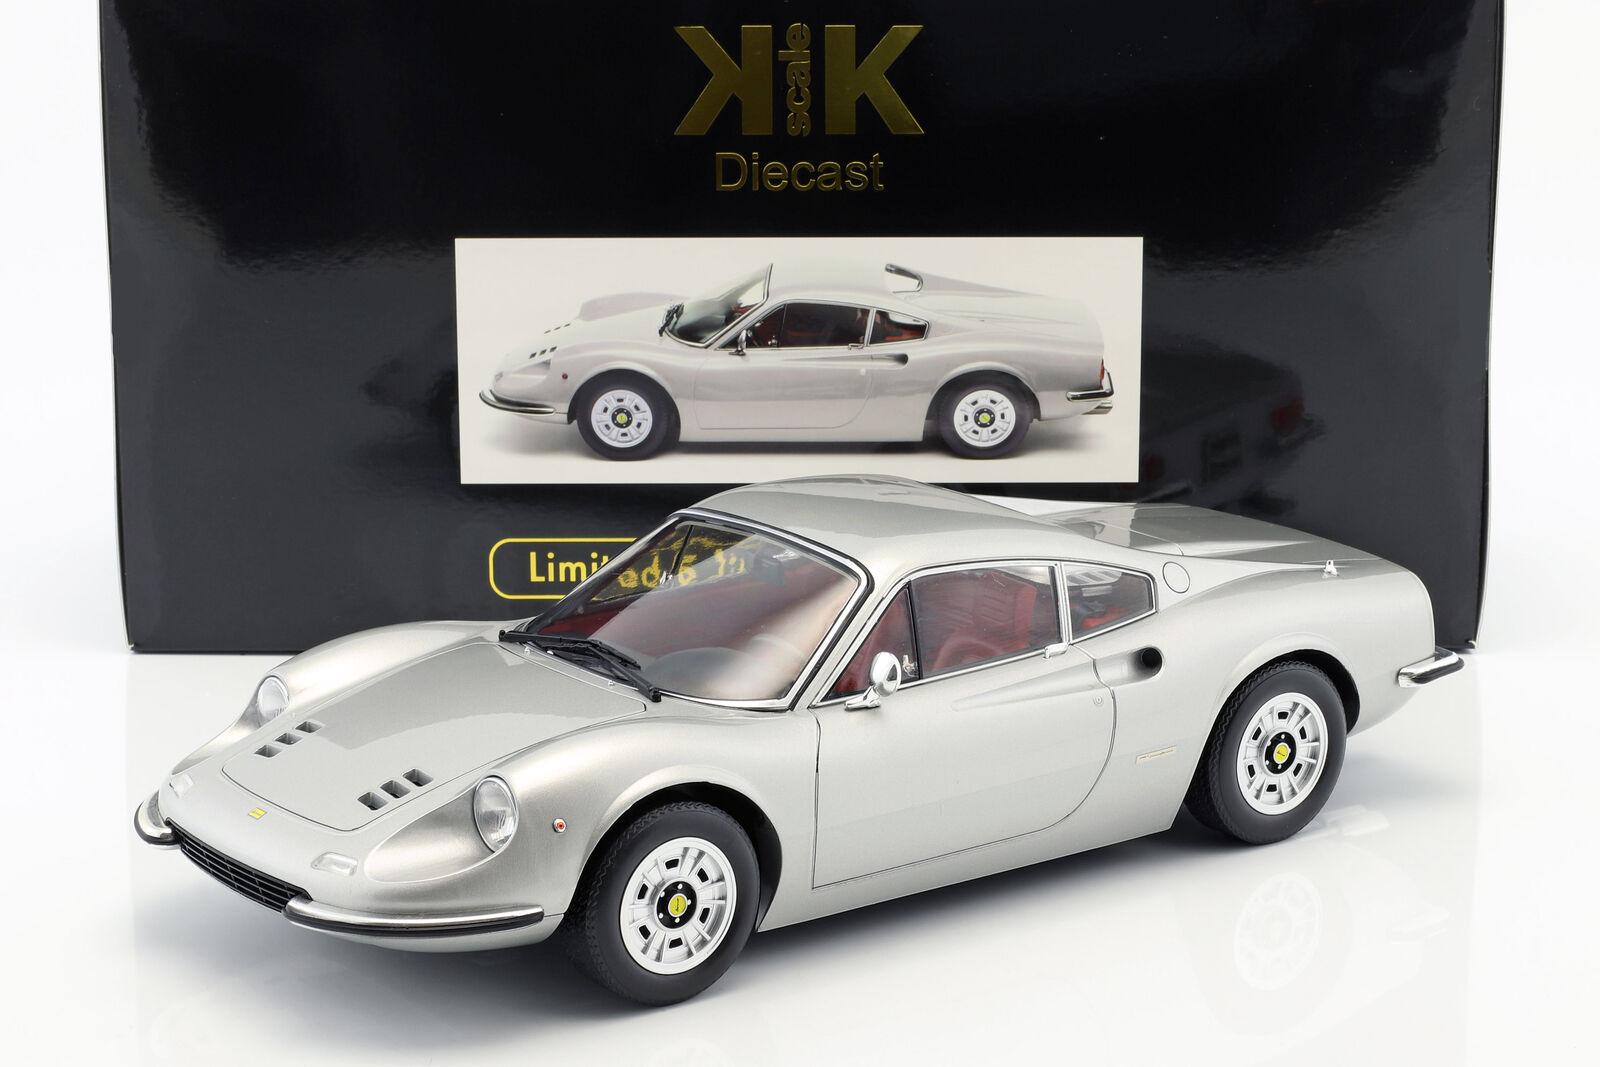 Années et bagues brillantes Ferrari 246 GT Dino Année Modèle 1973 argent 1:12 KK-Scale | Paquet Solide Et élégant